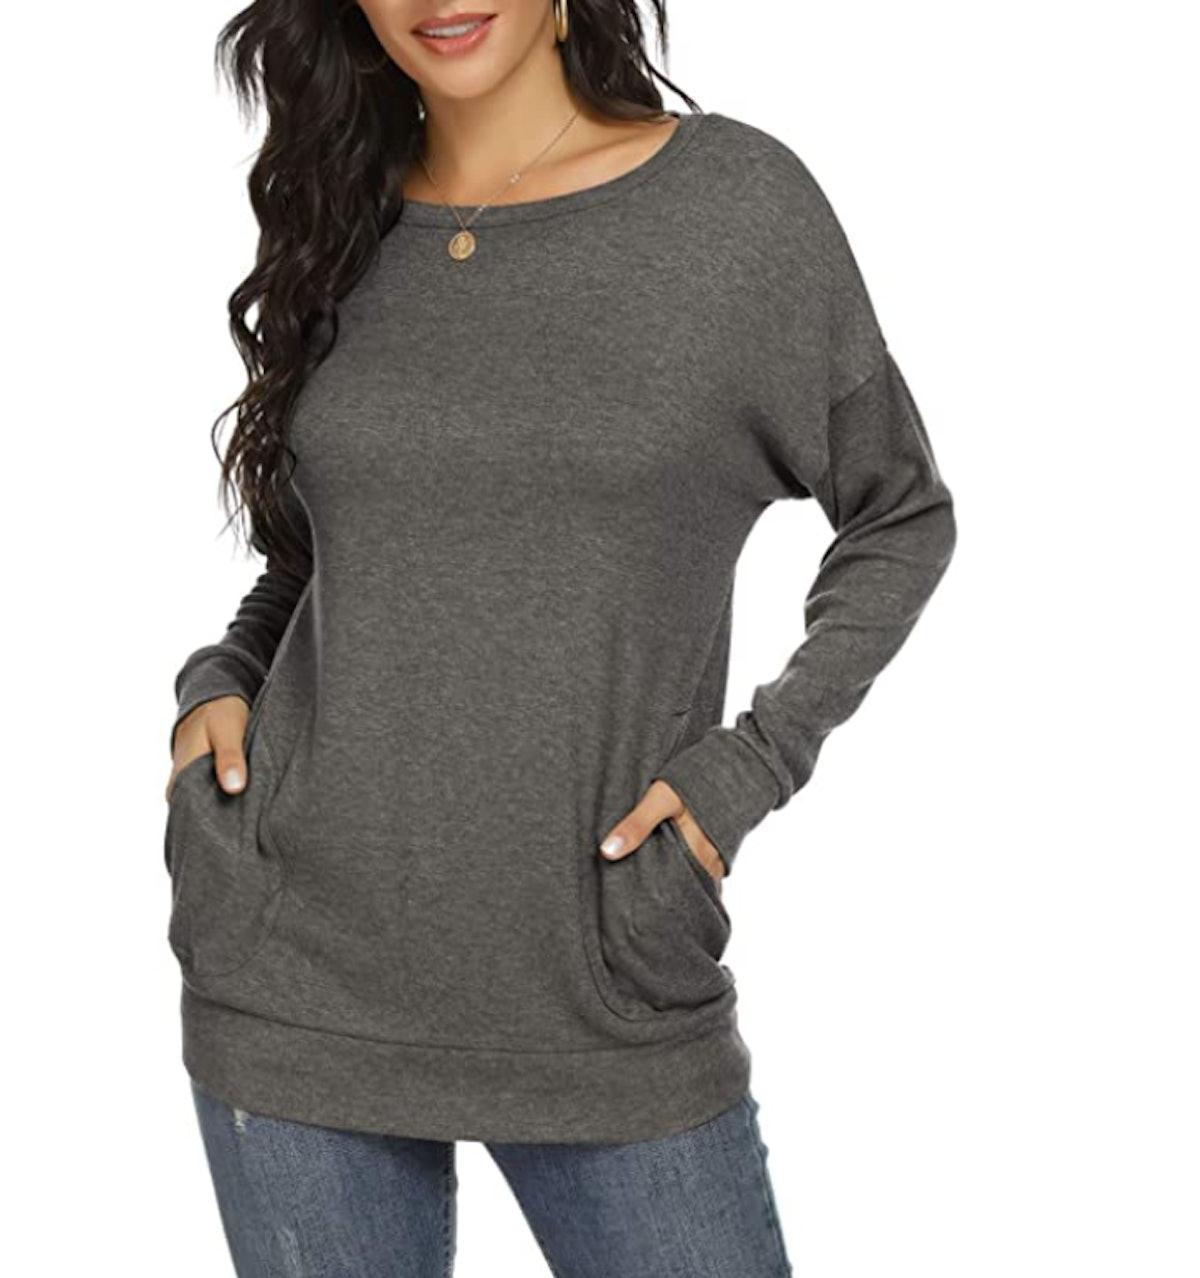 YSYOKOW Women's Casual Long Sleeve Tunic